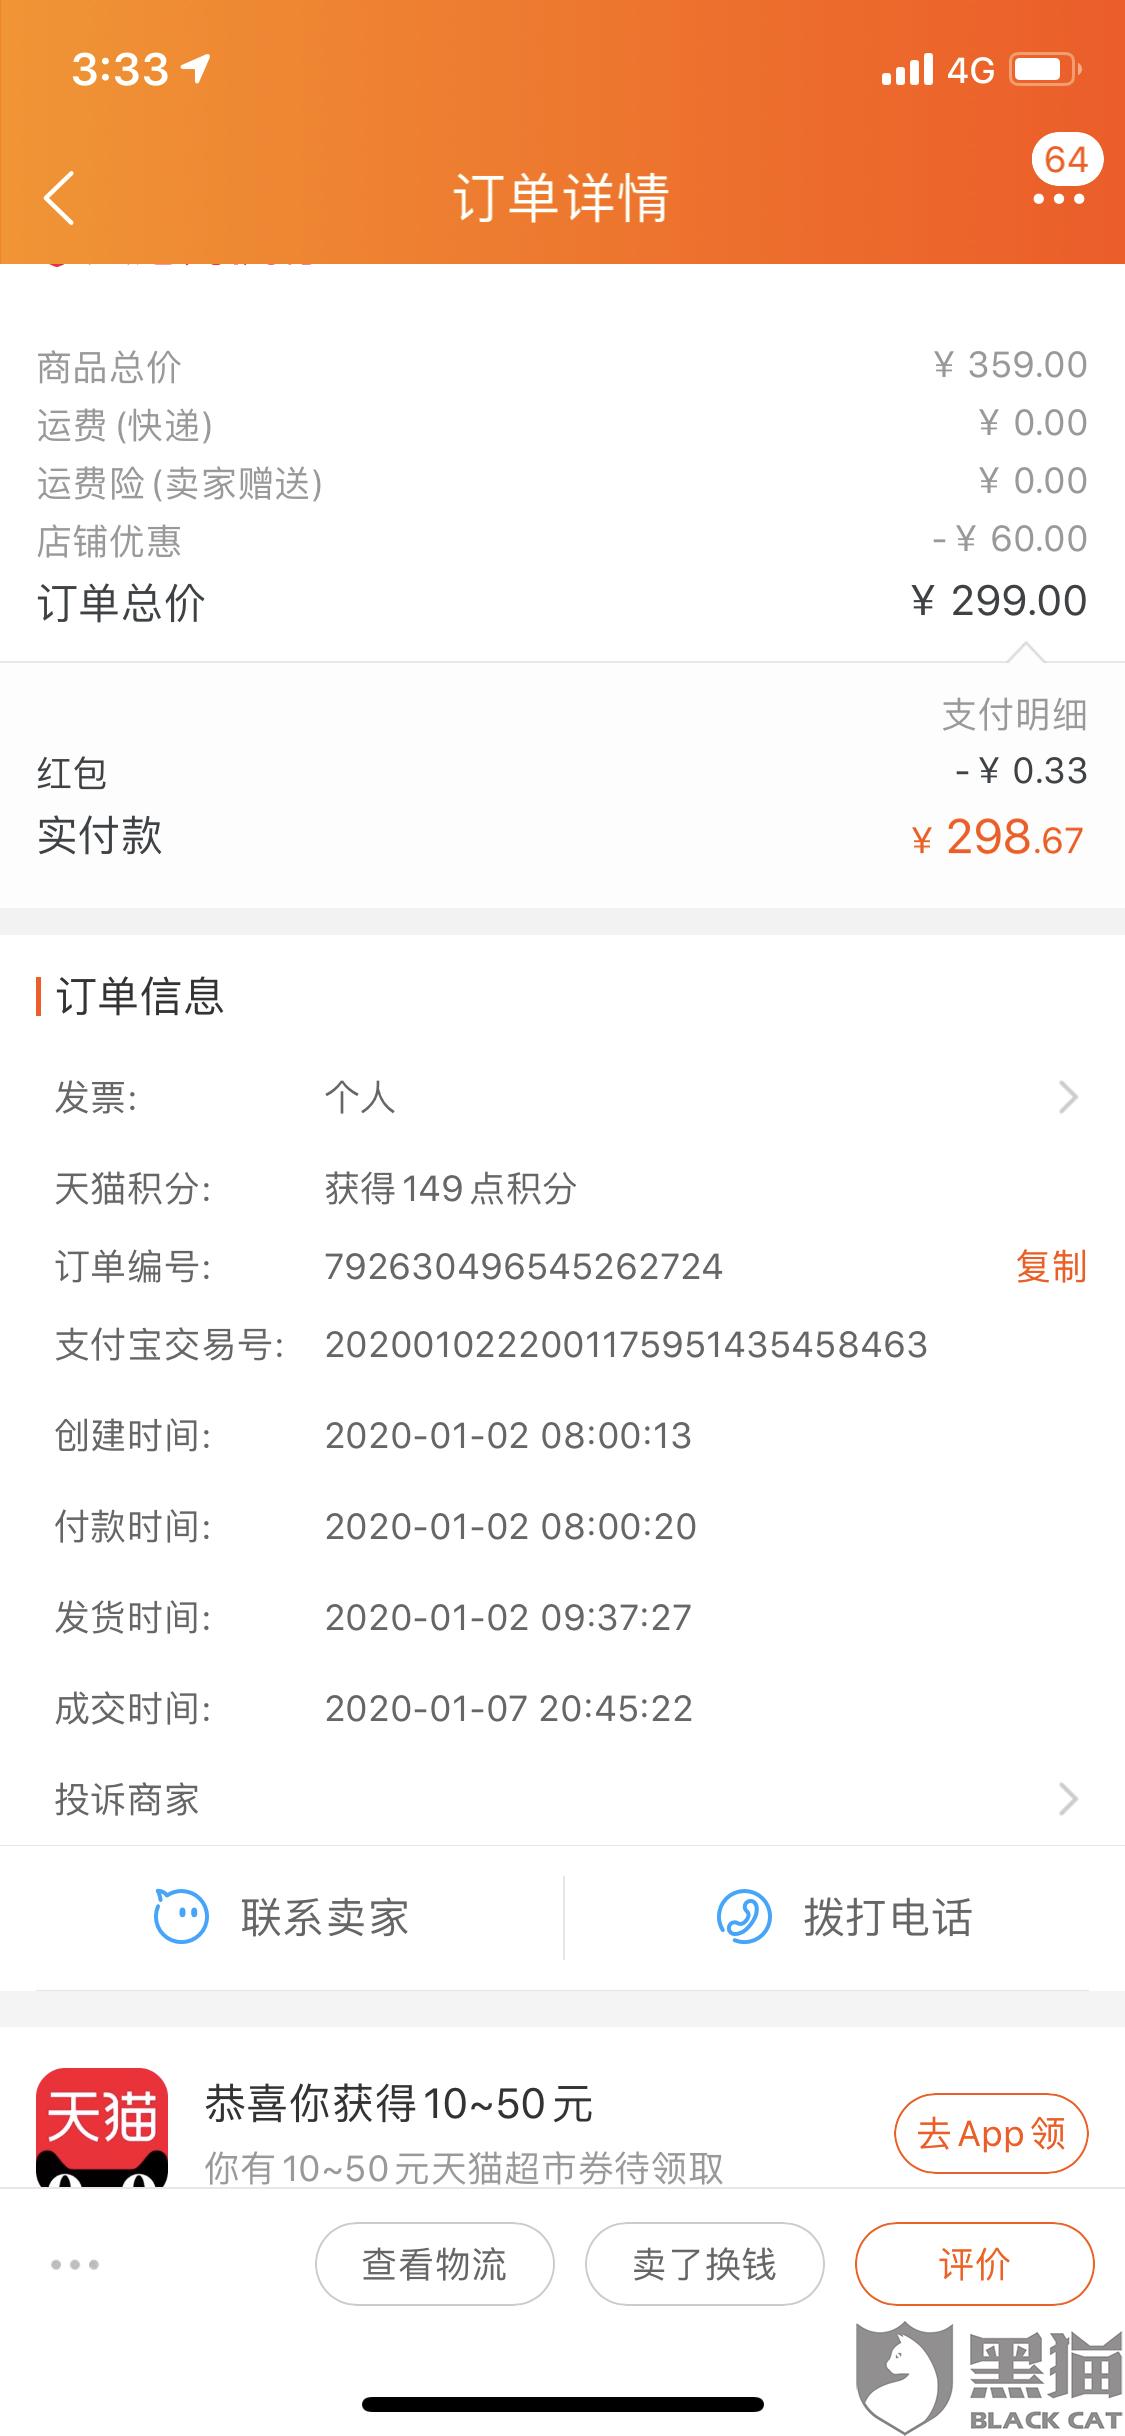 黑猫投诉:天猫平台苏泊尔海淮专卖店